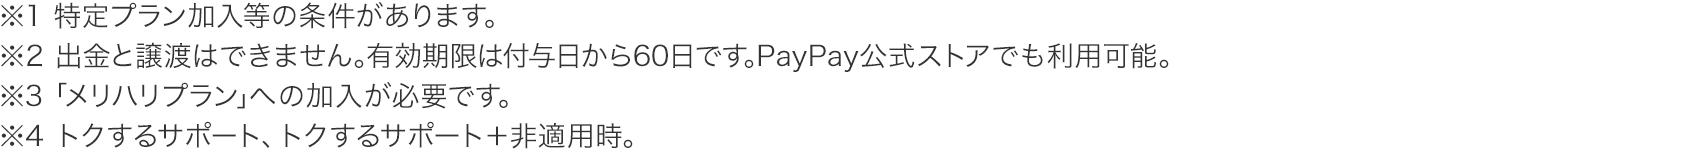 ※1 特定プラン加入等の条件があります。※2 出金と譲渡はできません。有効期限は付与日から60日です。PayPay公式ストアでも利用可能。※3「メリハリプラン」への加入が必要です。※4 トクするサポート、トクするサポート+非適用時。